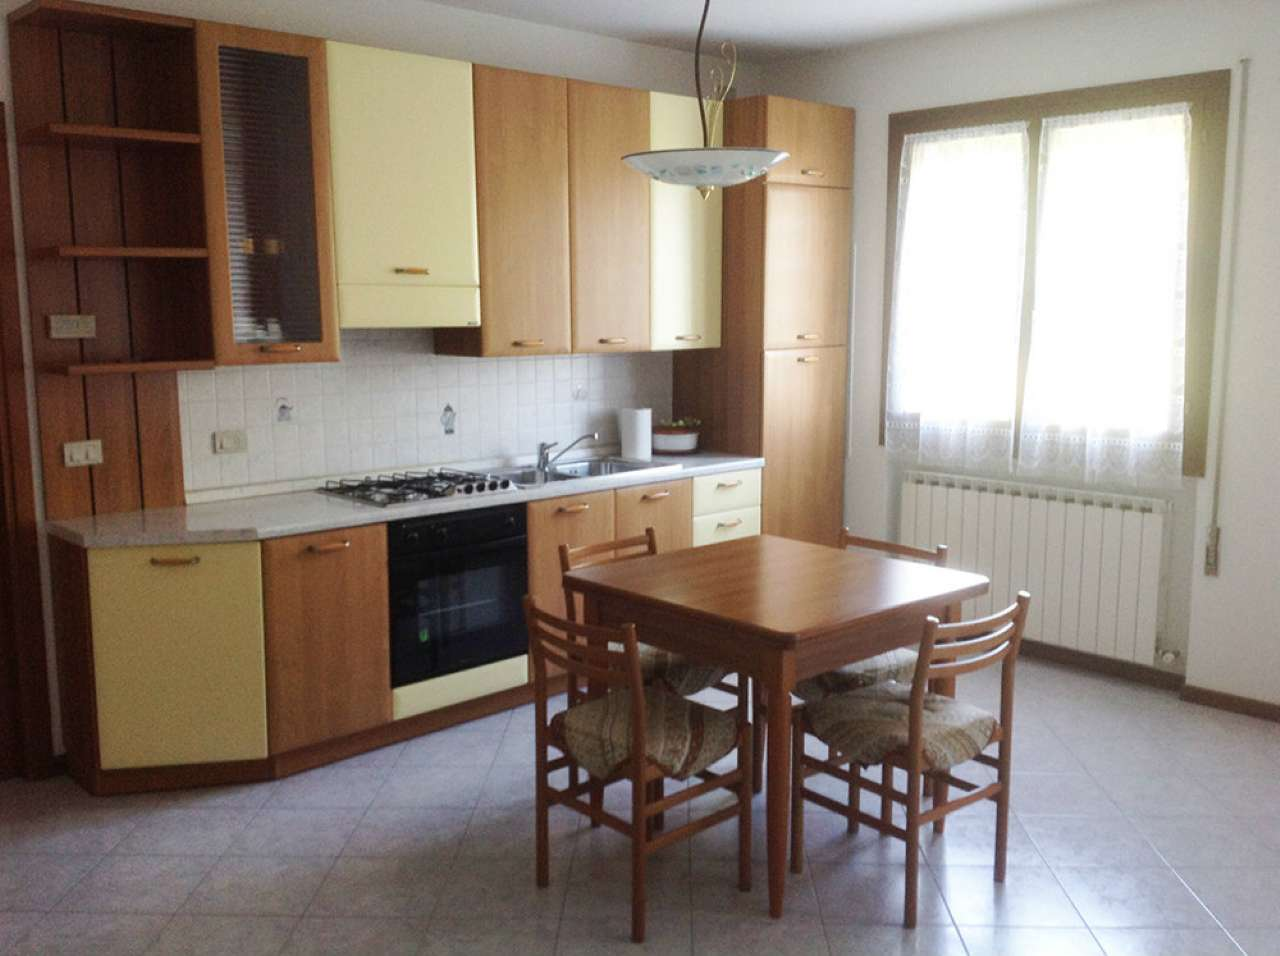 Appartamento in affitto a Brugine, 2 locali, prezzo € 450 | Cambio Casa.it